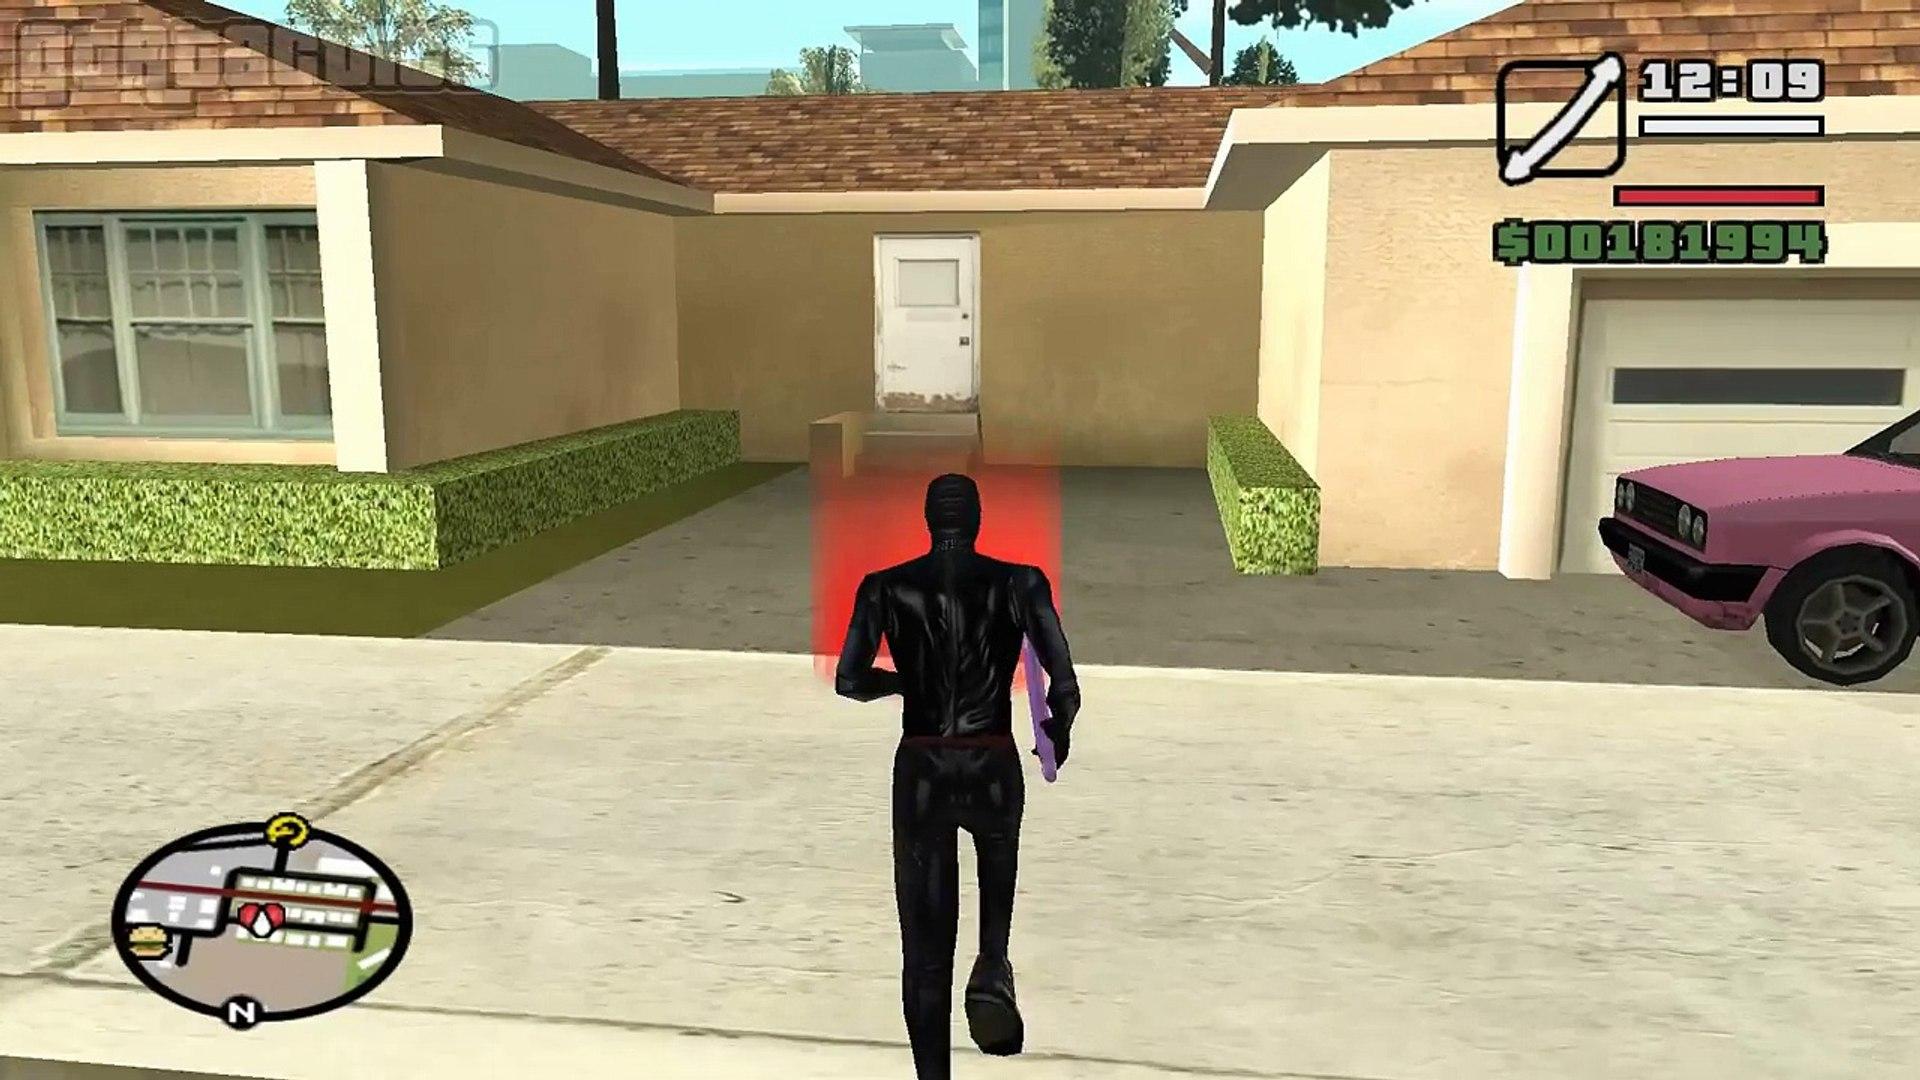 Grand Theft Auto San andreas datování Millie